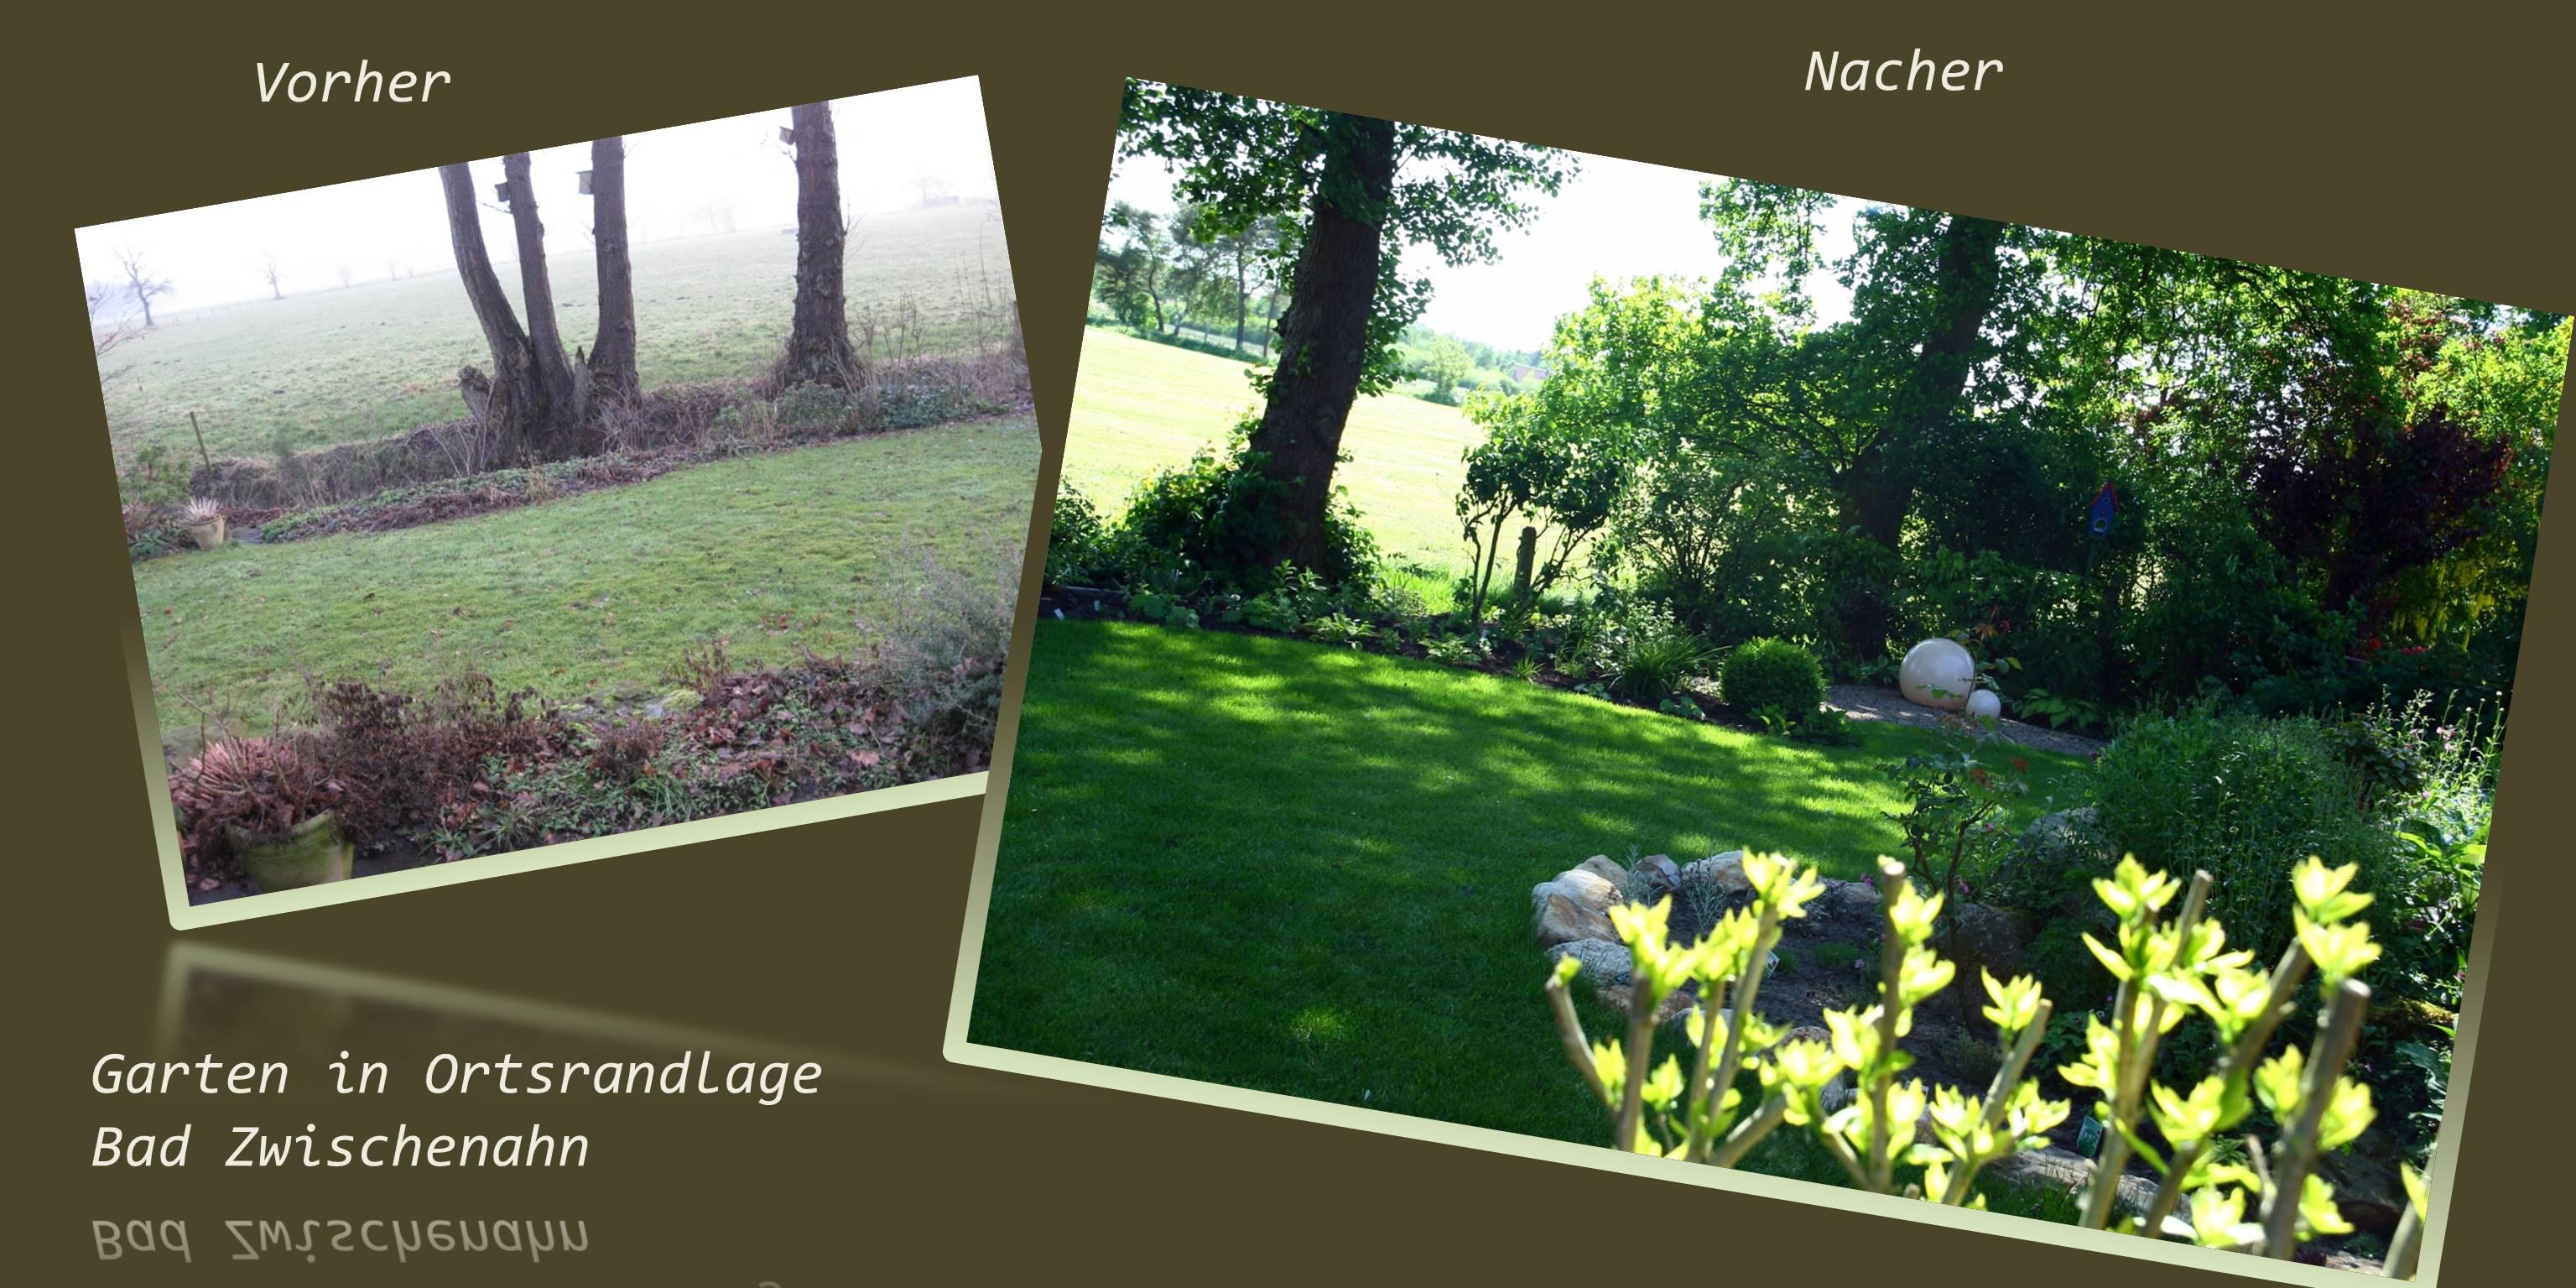 Bilder Gartengestaltung vorher - nachher